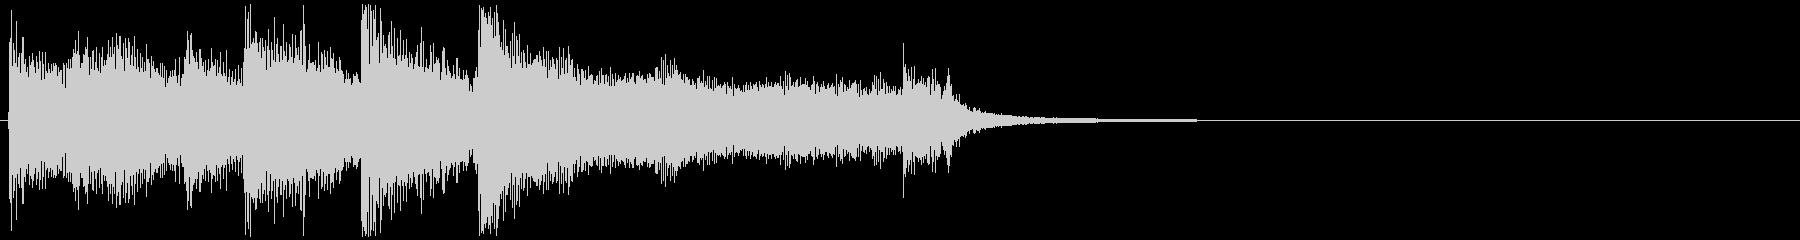 BigBandのファンファーレの未再生の波形